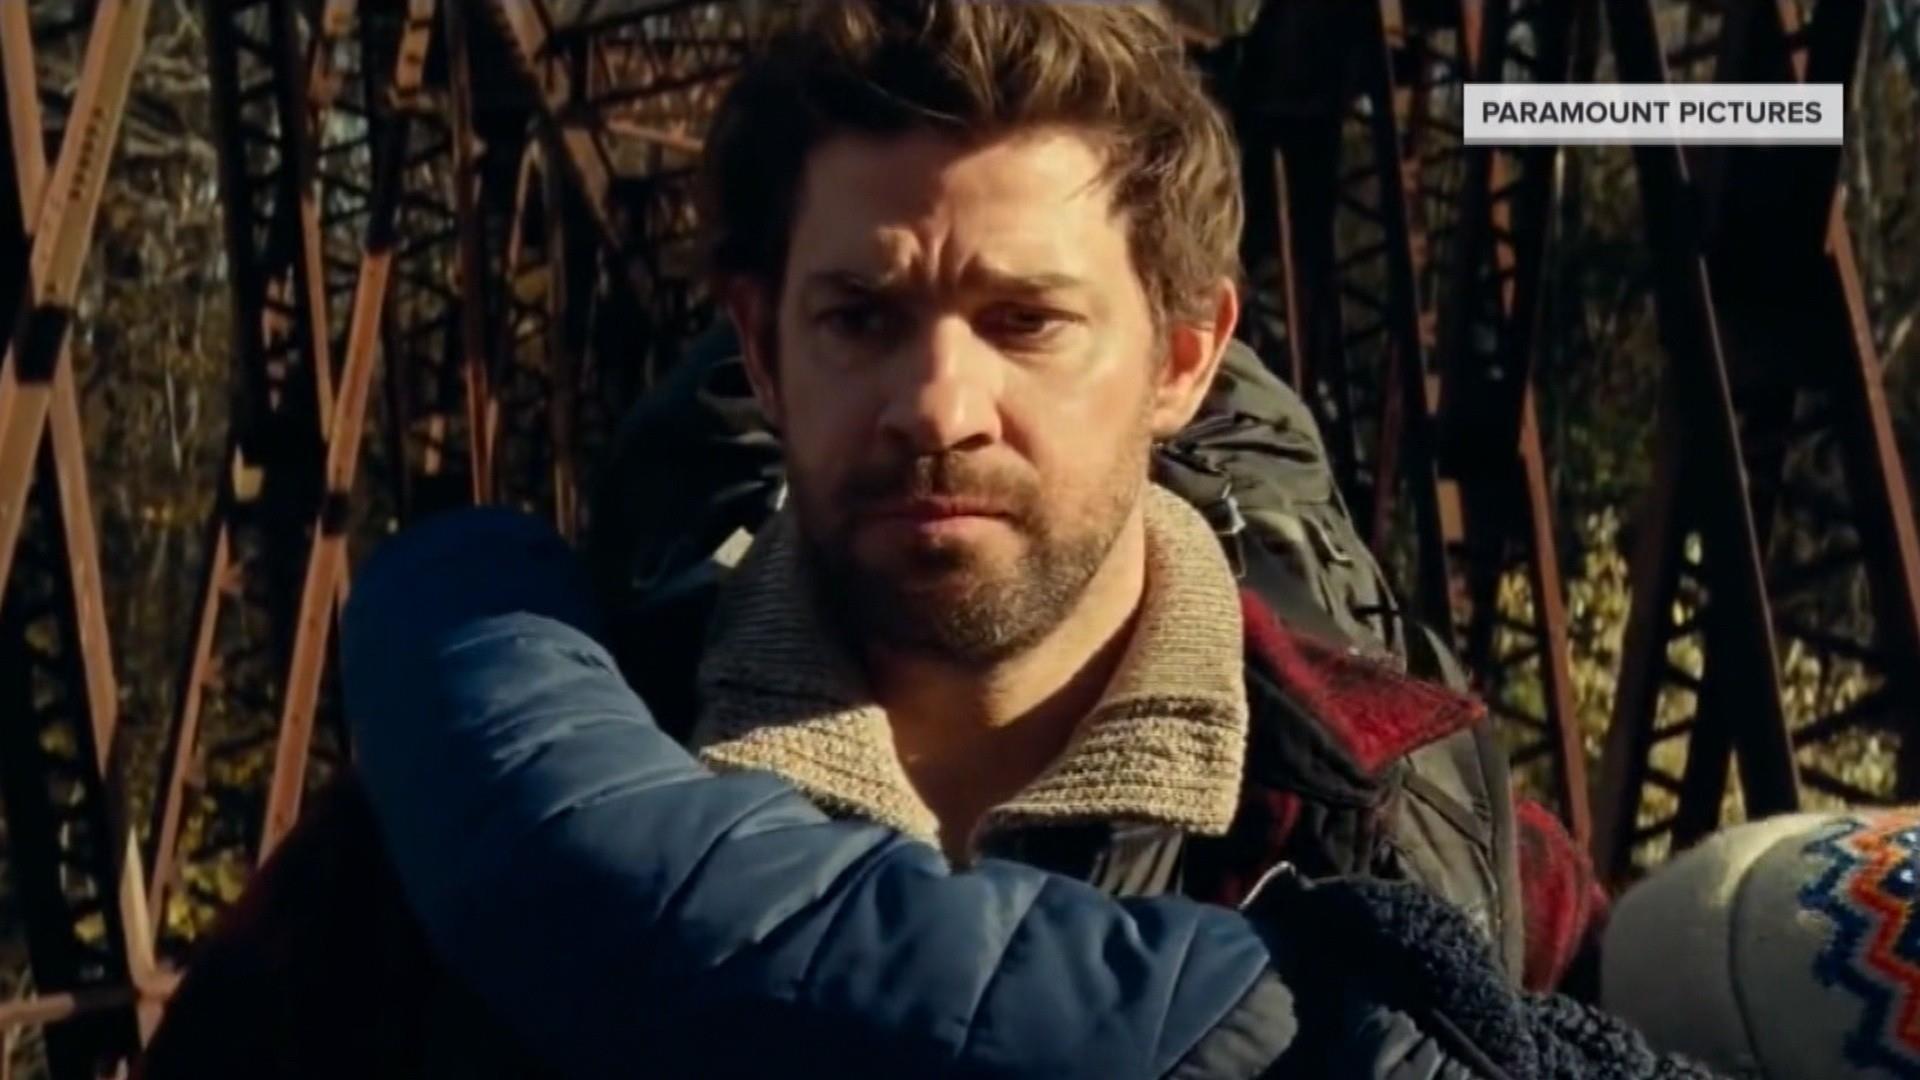 John Krasinski confirms he'll direct 'A Quiet Place' sequel